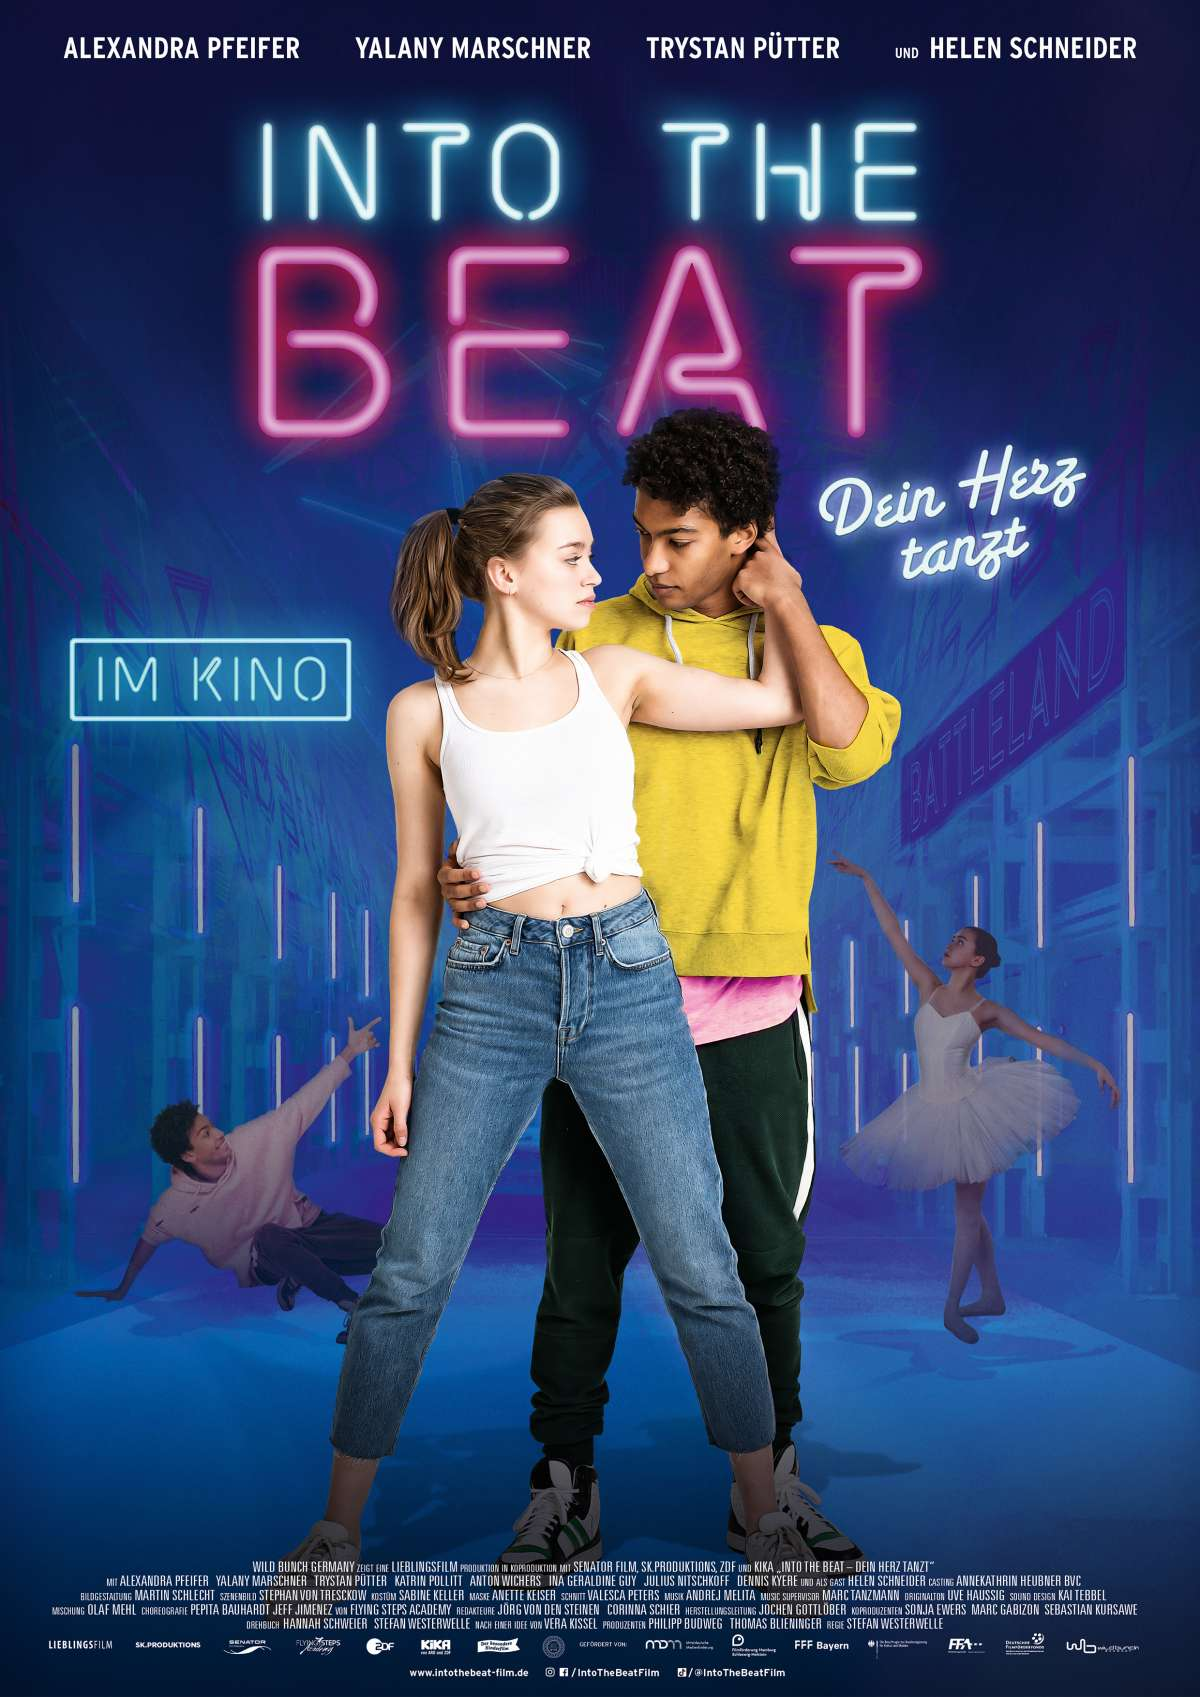 Into the Beat - Dein Herz tanzt - Cineplex  - Marburg